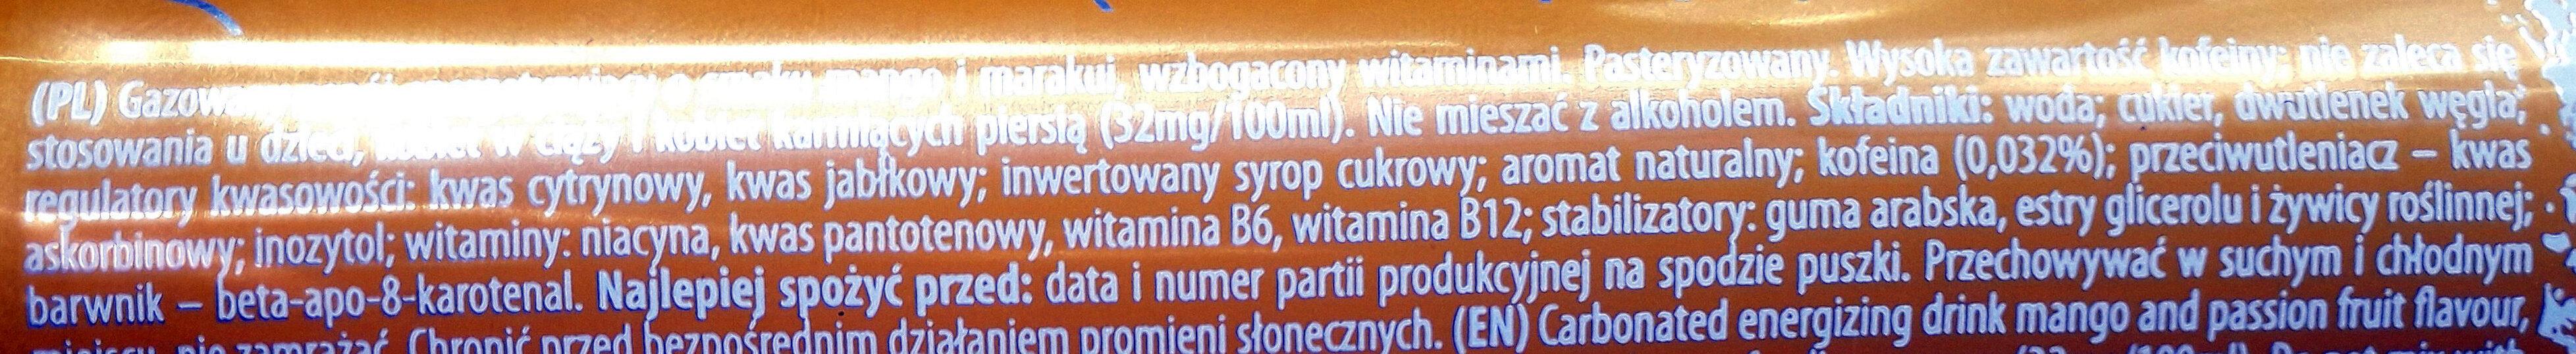 Gazowany napój energetyczny o smaku mango i marakui wzbogacony witaminami. - Inhaltsstoffe - pl